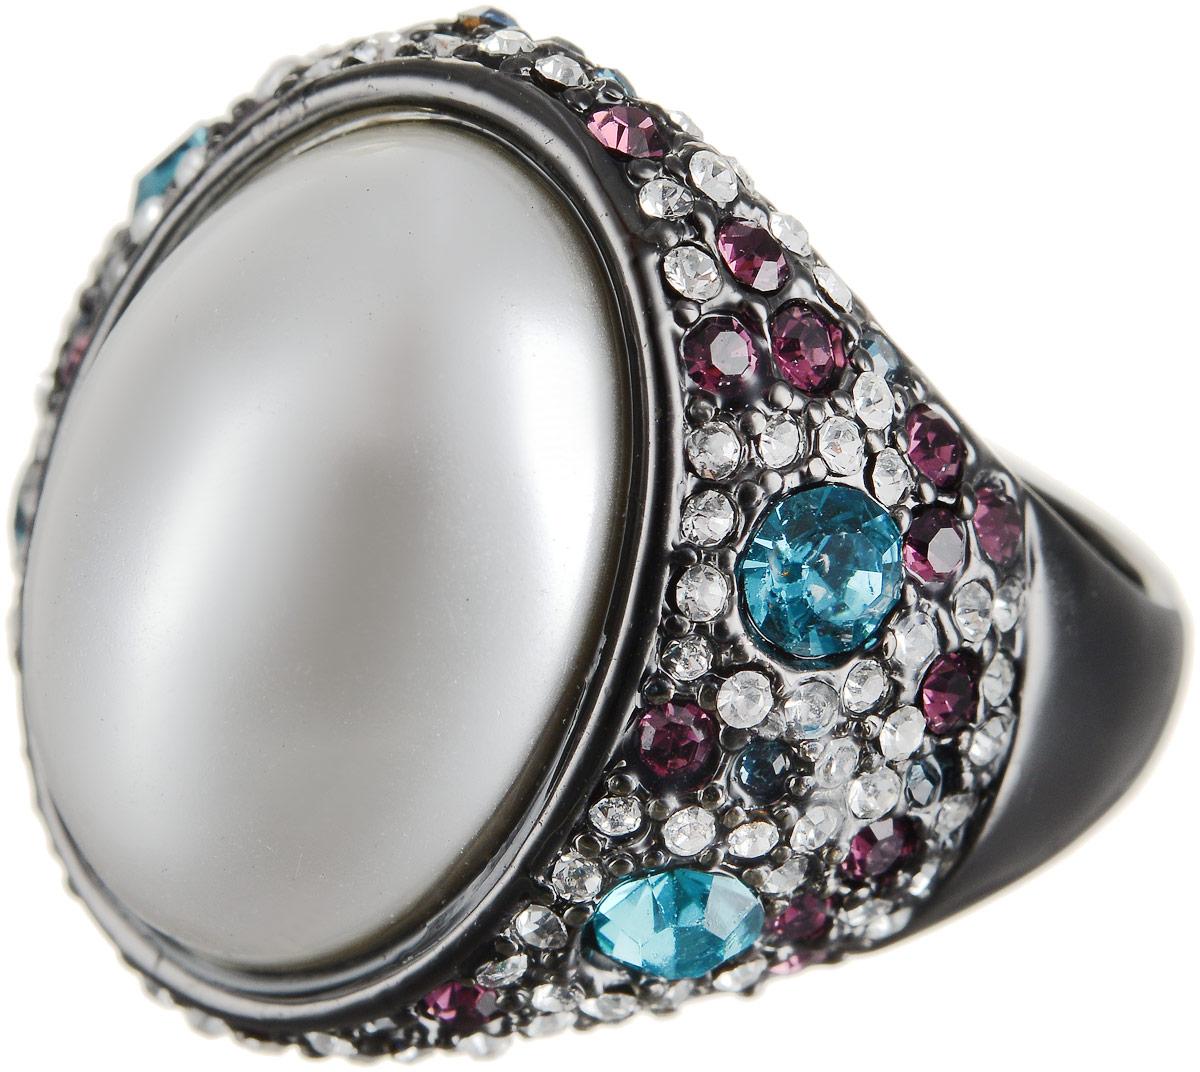 Кольцо Art-Silver, цвет: черный, перламутровый. 066079-601-1202. Размер 17,5 кольцо art silver цвет черный зеленый розовый 810998 802 1114 размер 17